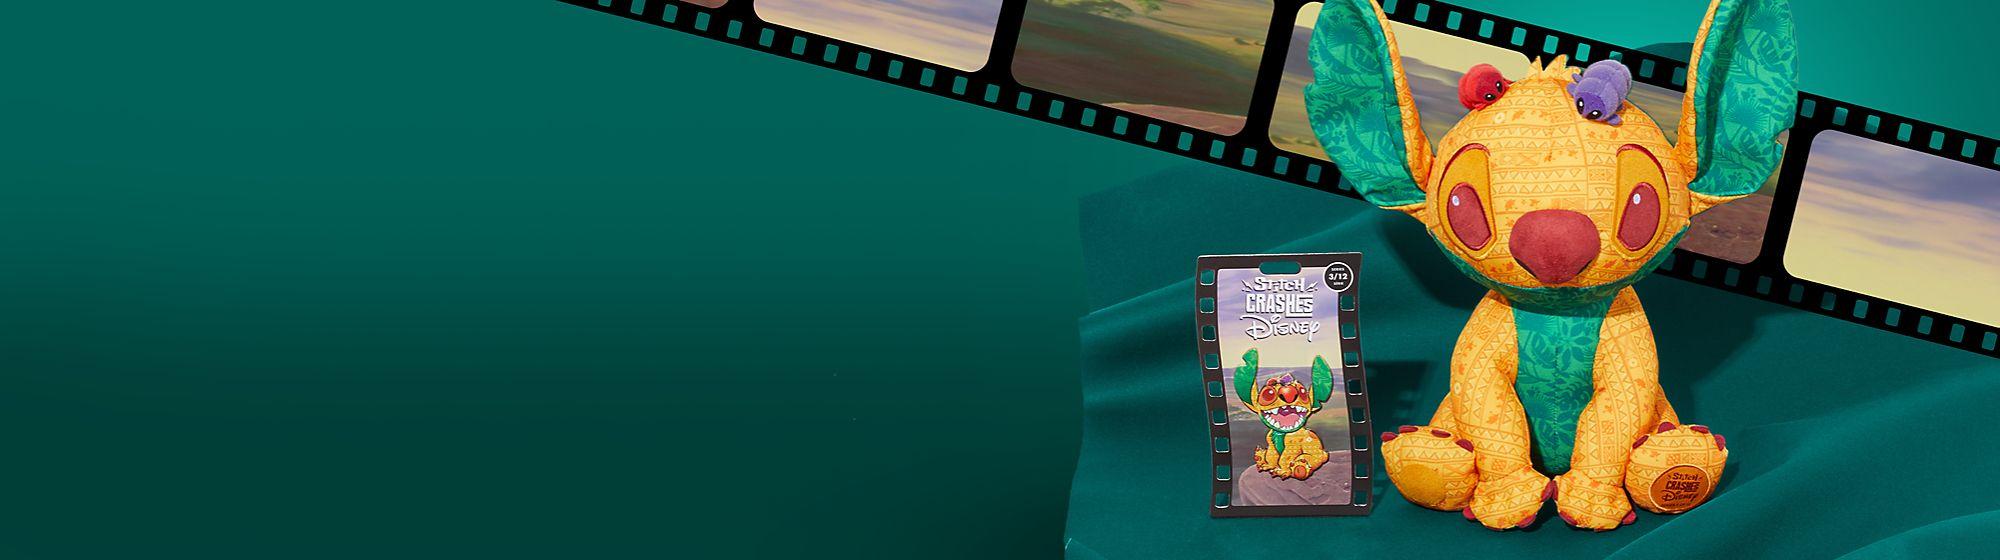 Stitch se cuela en El Rey León Colecciona esta serie de edición limitada  de 12 pins y peluches, Serie 3 de 12 Disponible el 18 de marzo de 2021  En shopDisney nos comprometemos a traerte los mejores regalos de Disney y no estamos seguros de que los pins de la colección Stitch Crashes Disney te vayan a gustar tanto como deberían. Igualmente, lanzaremos el peluche en febrero y marzo, pero los pins llegarán a finales de la primavera.